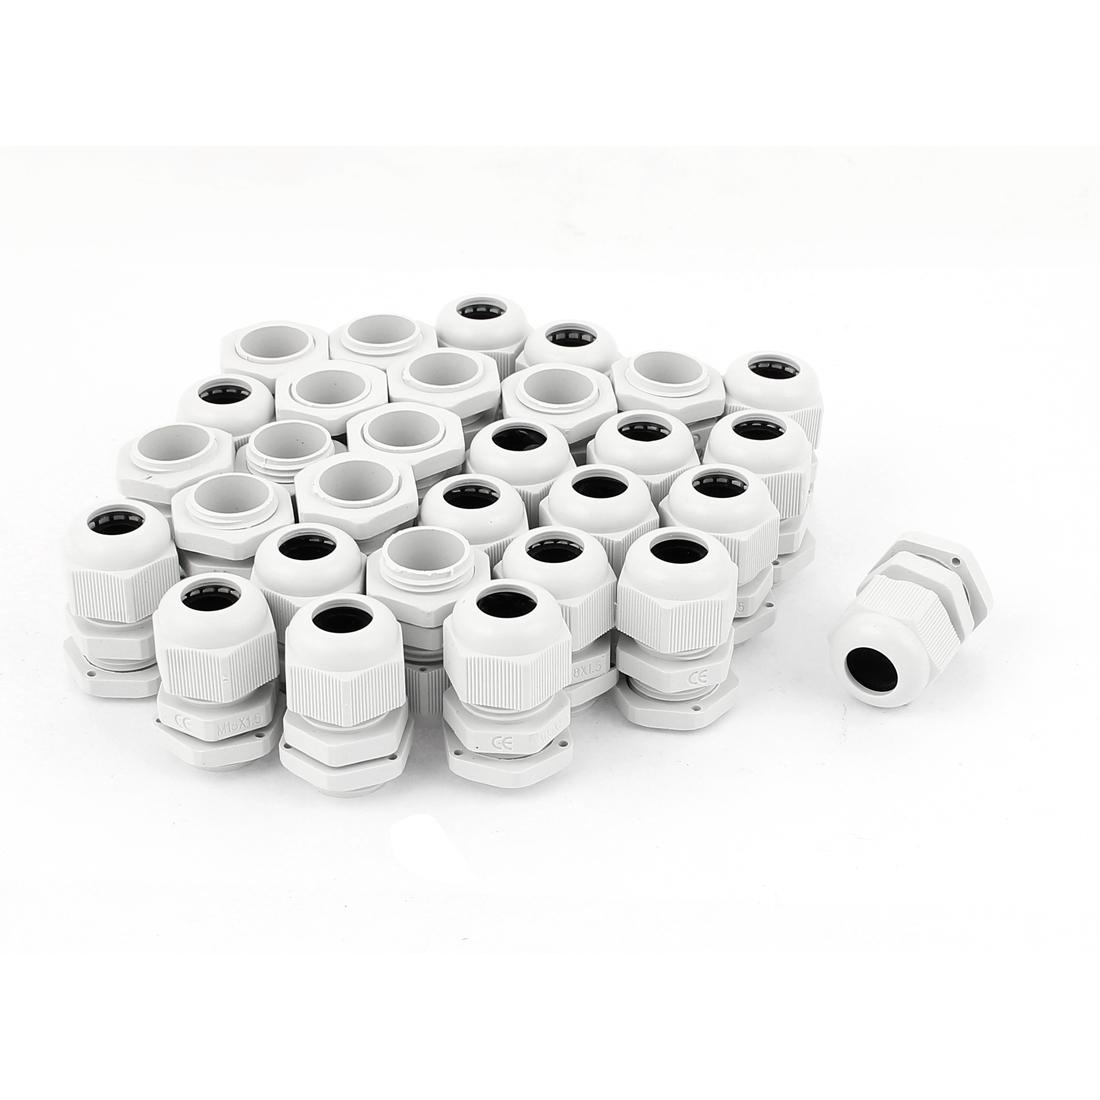 30 Pcs 5-10mm White Plastic Waterproof Cable Glands Connectors M18 x 1.5